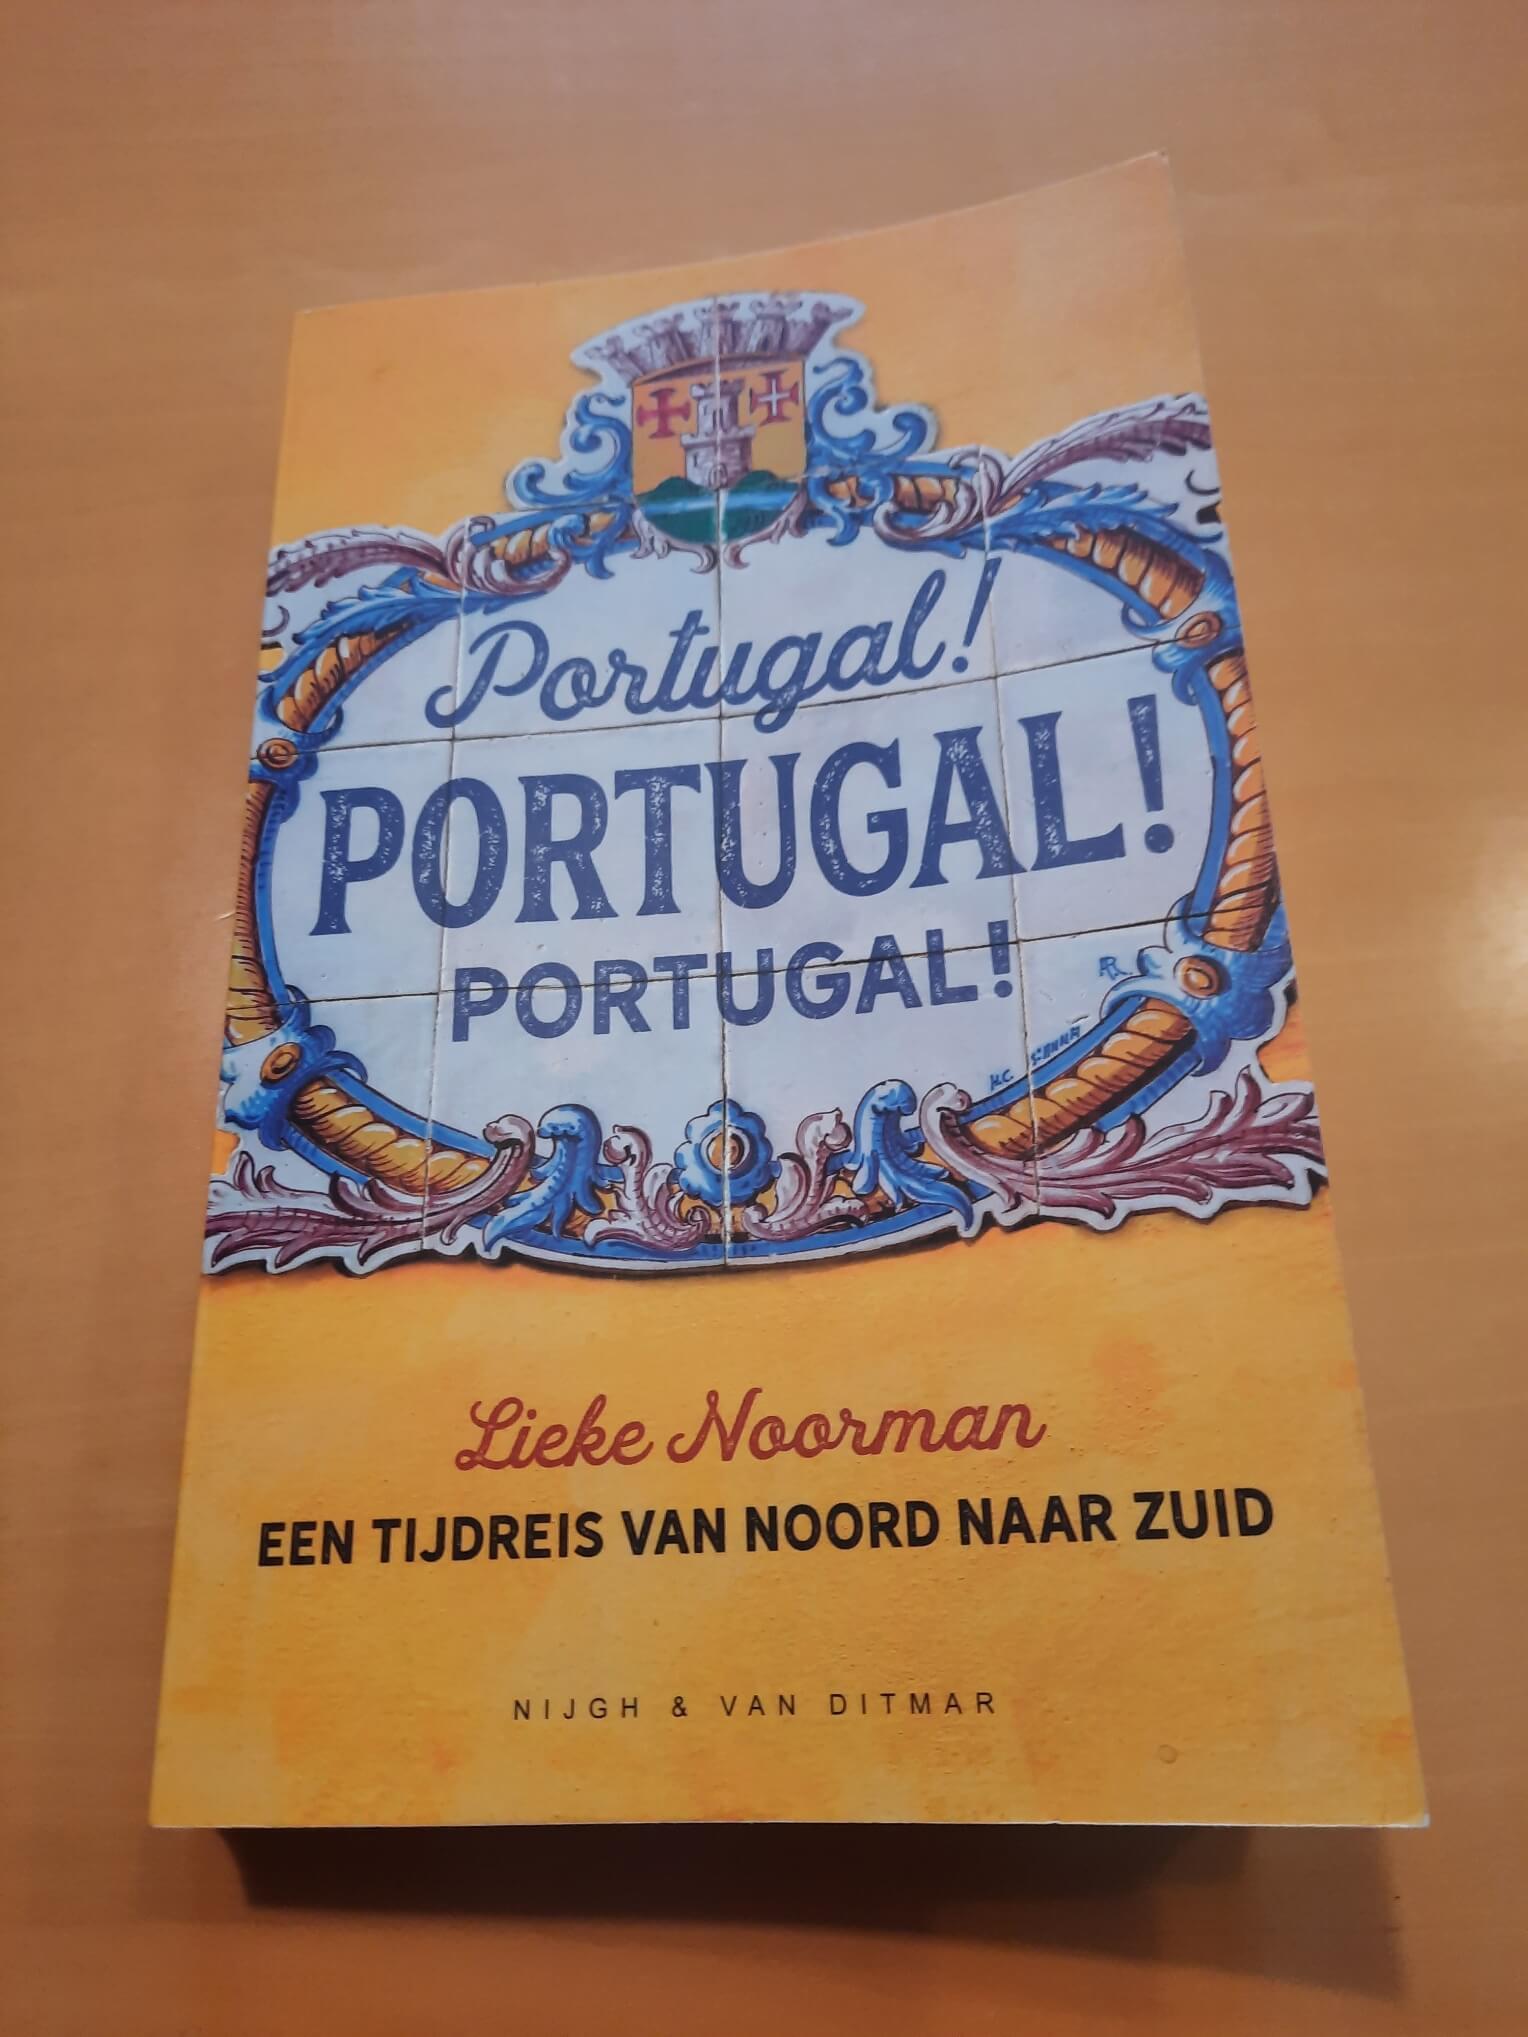 portugal-portugal-portugal-van-lieke-noorman